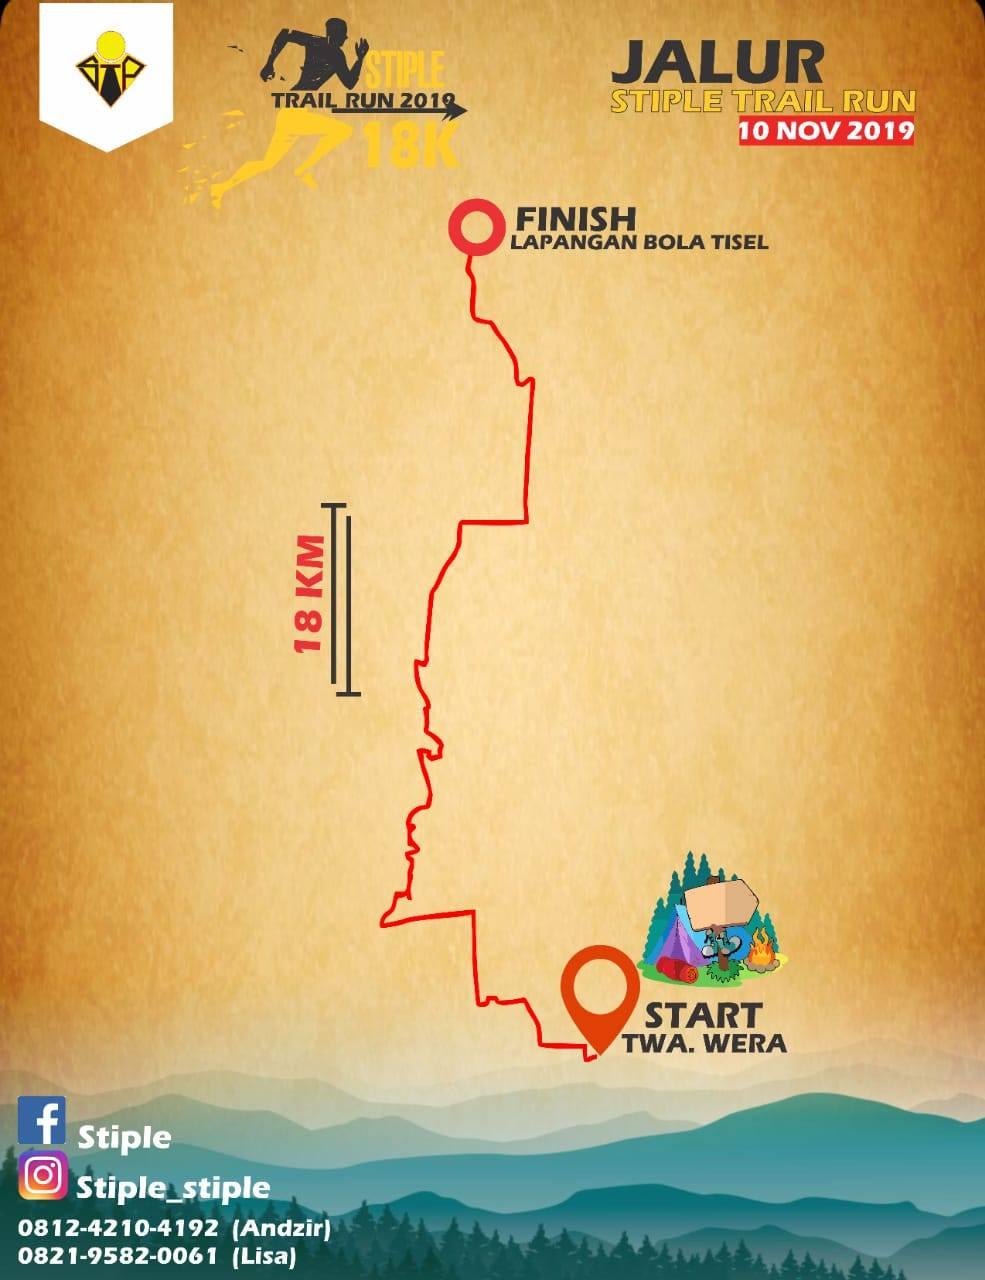 Stiple Trail Run • 2019